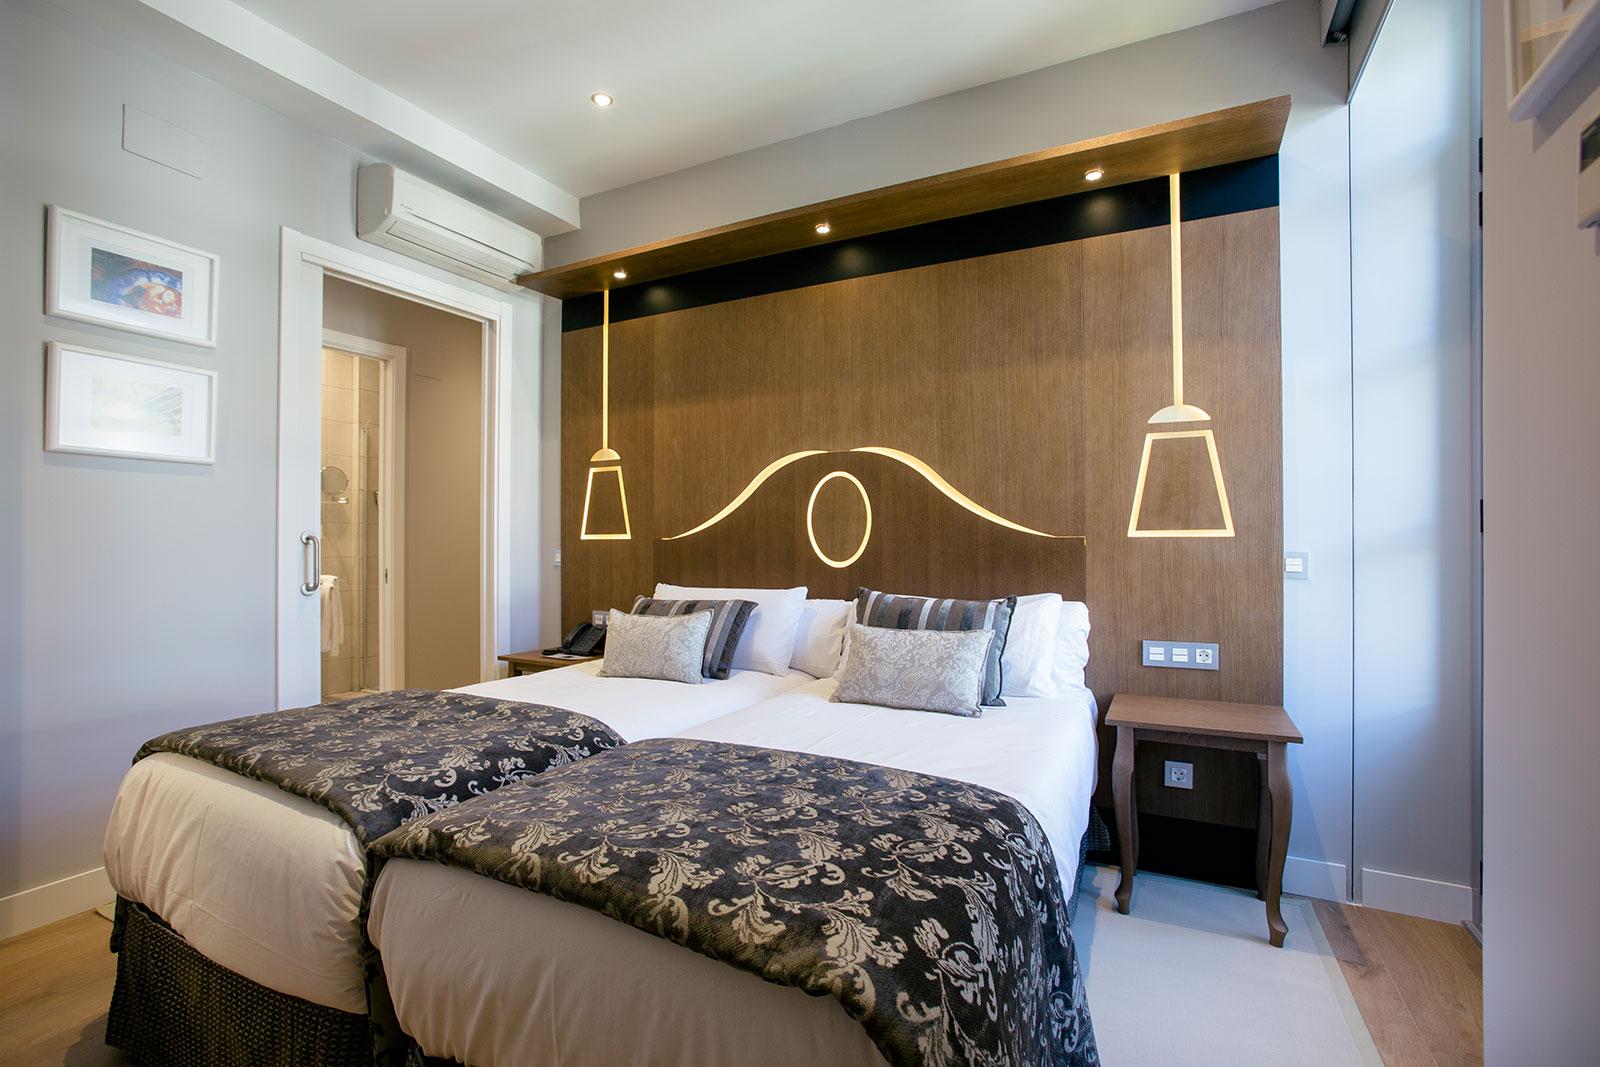 Exterior bedroom